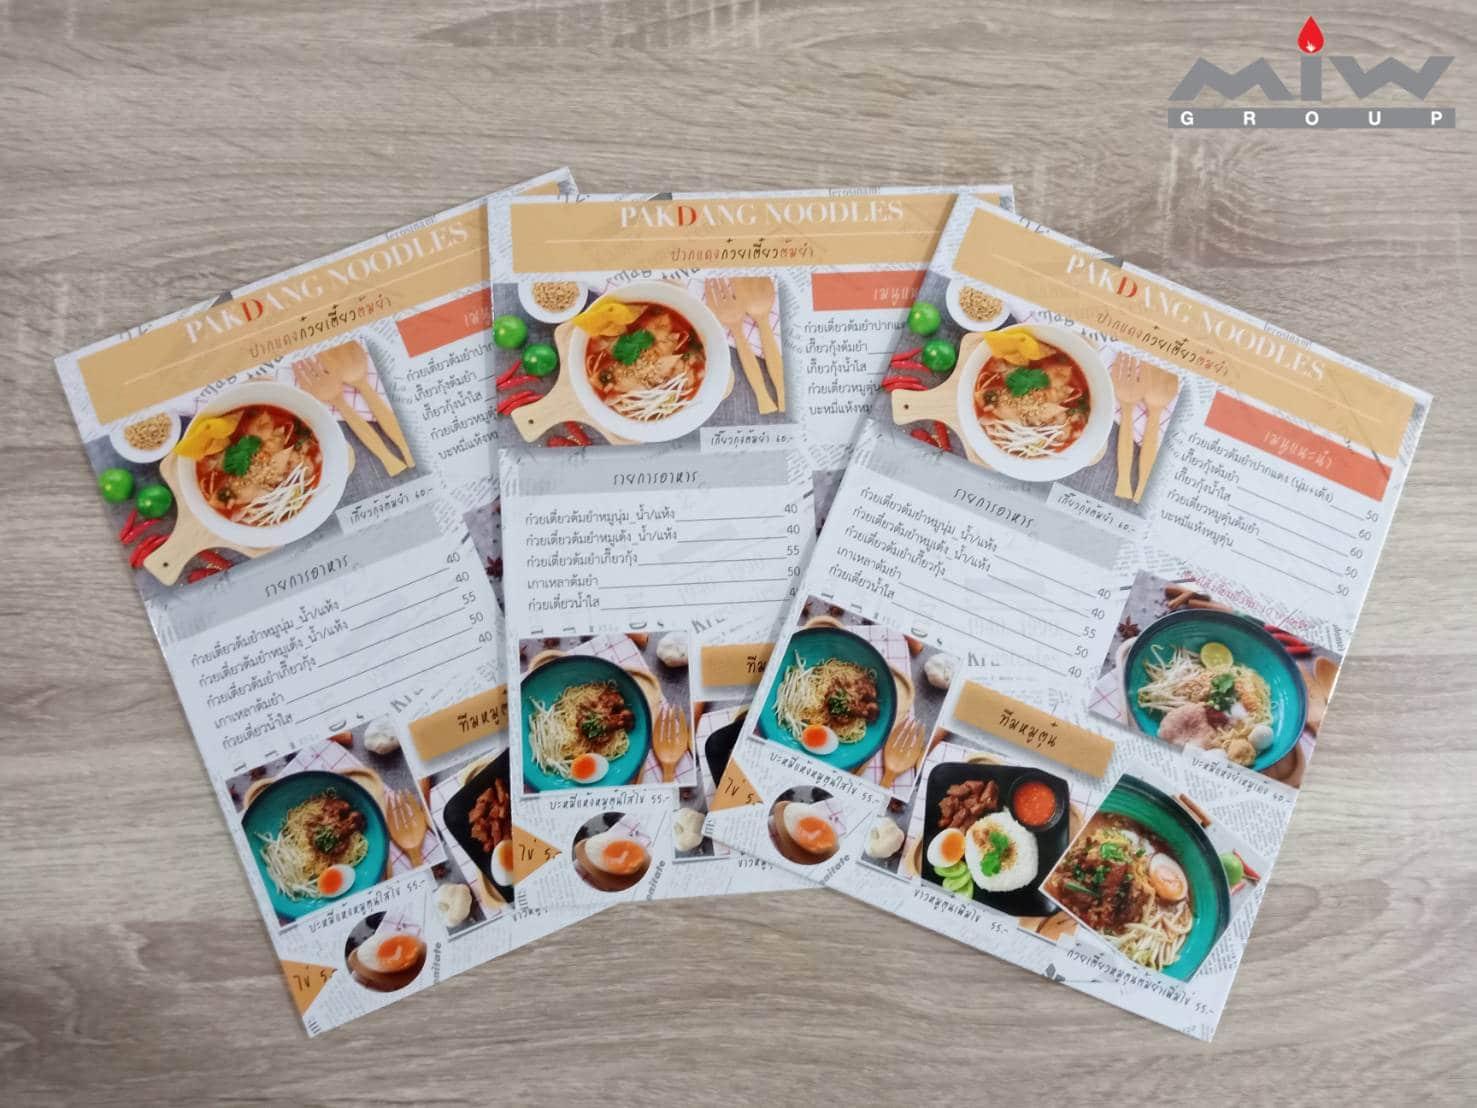 344124 - งานเมนูอาหารร้านปากแดงก๋วยเตี๋ยวต้มยำ